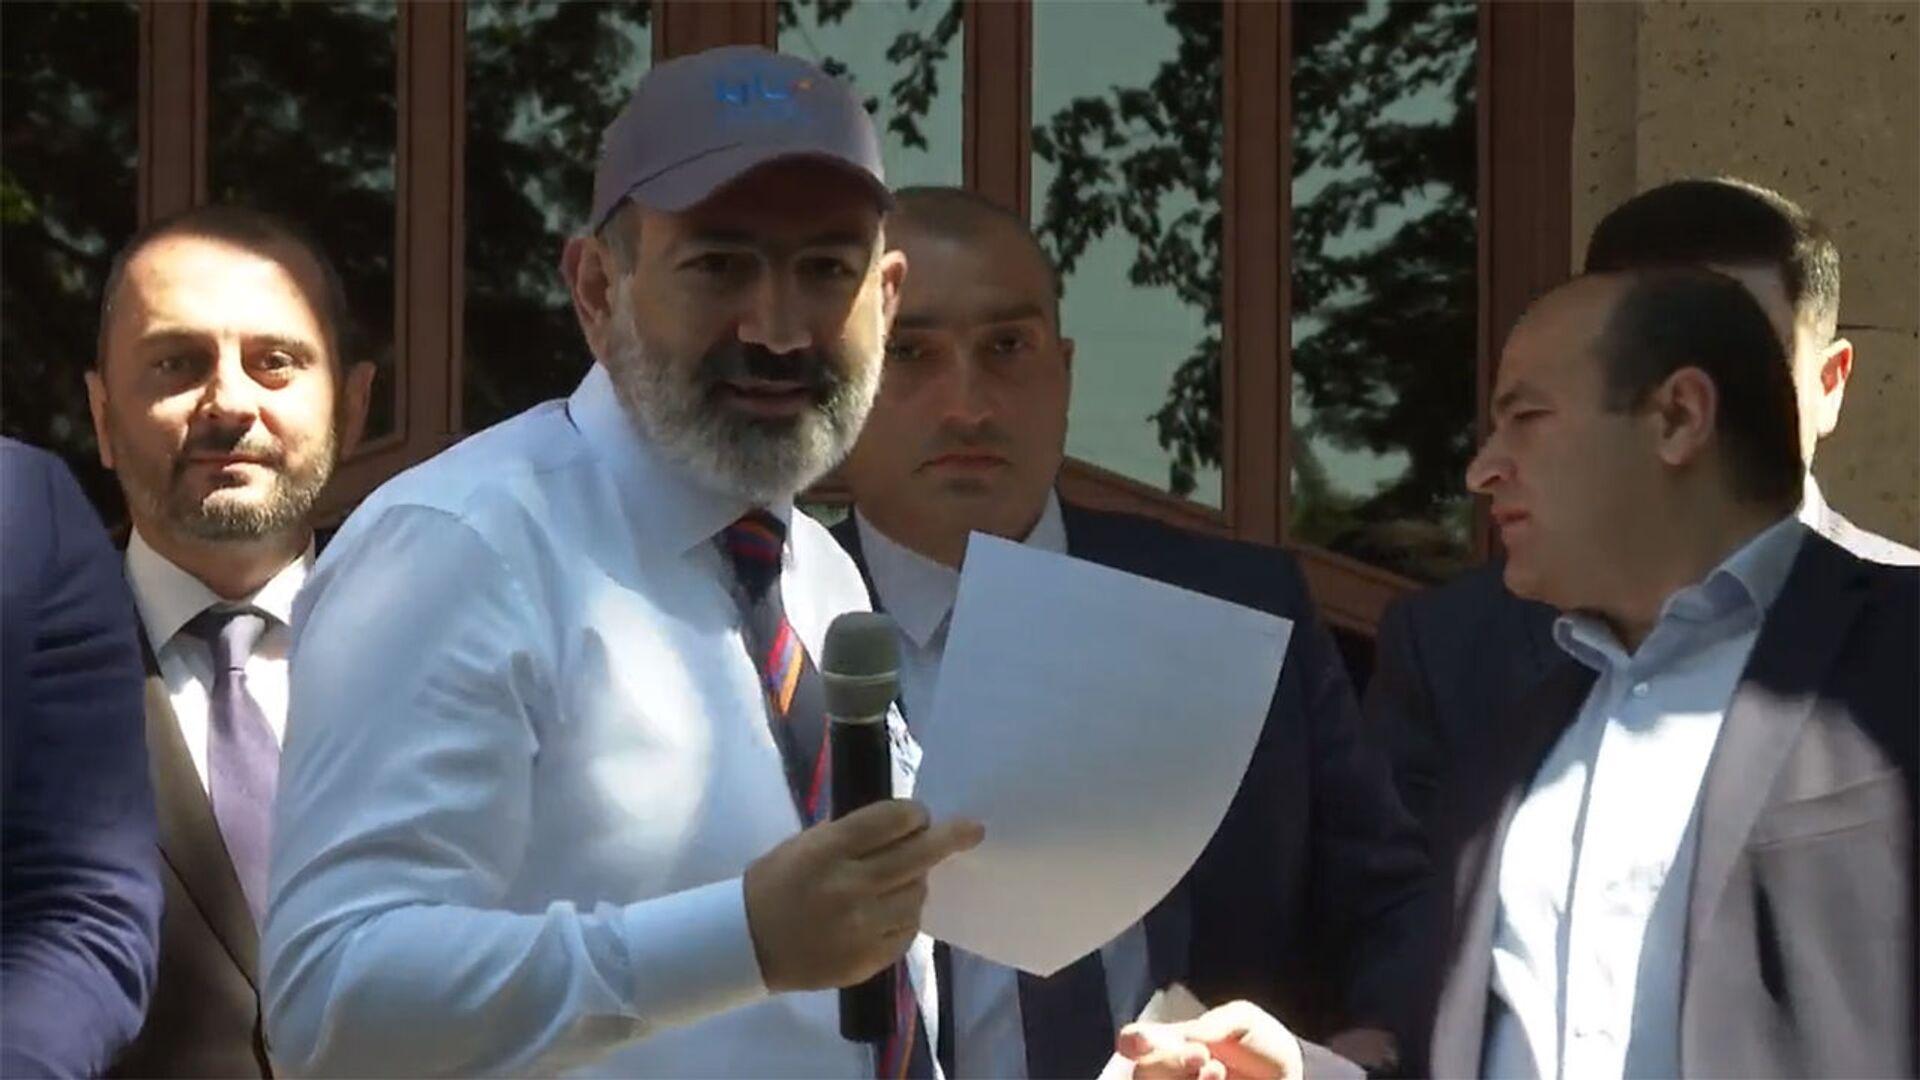 И.о. премьер-министра Никол Пашинян во время предвыборной кампании в Армавирской области (7 июня 2021). - Sputnik Армения, 1920, 07.06.2021